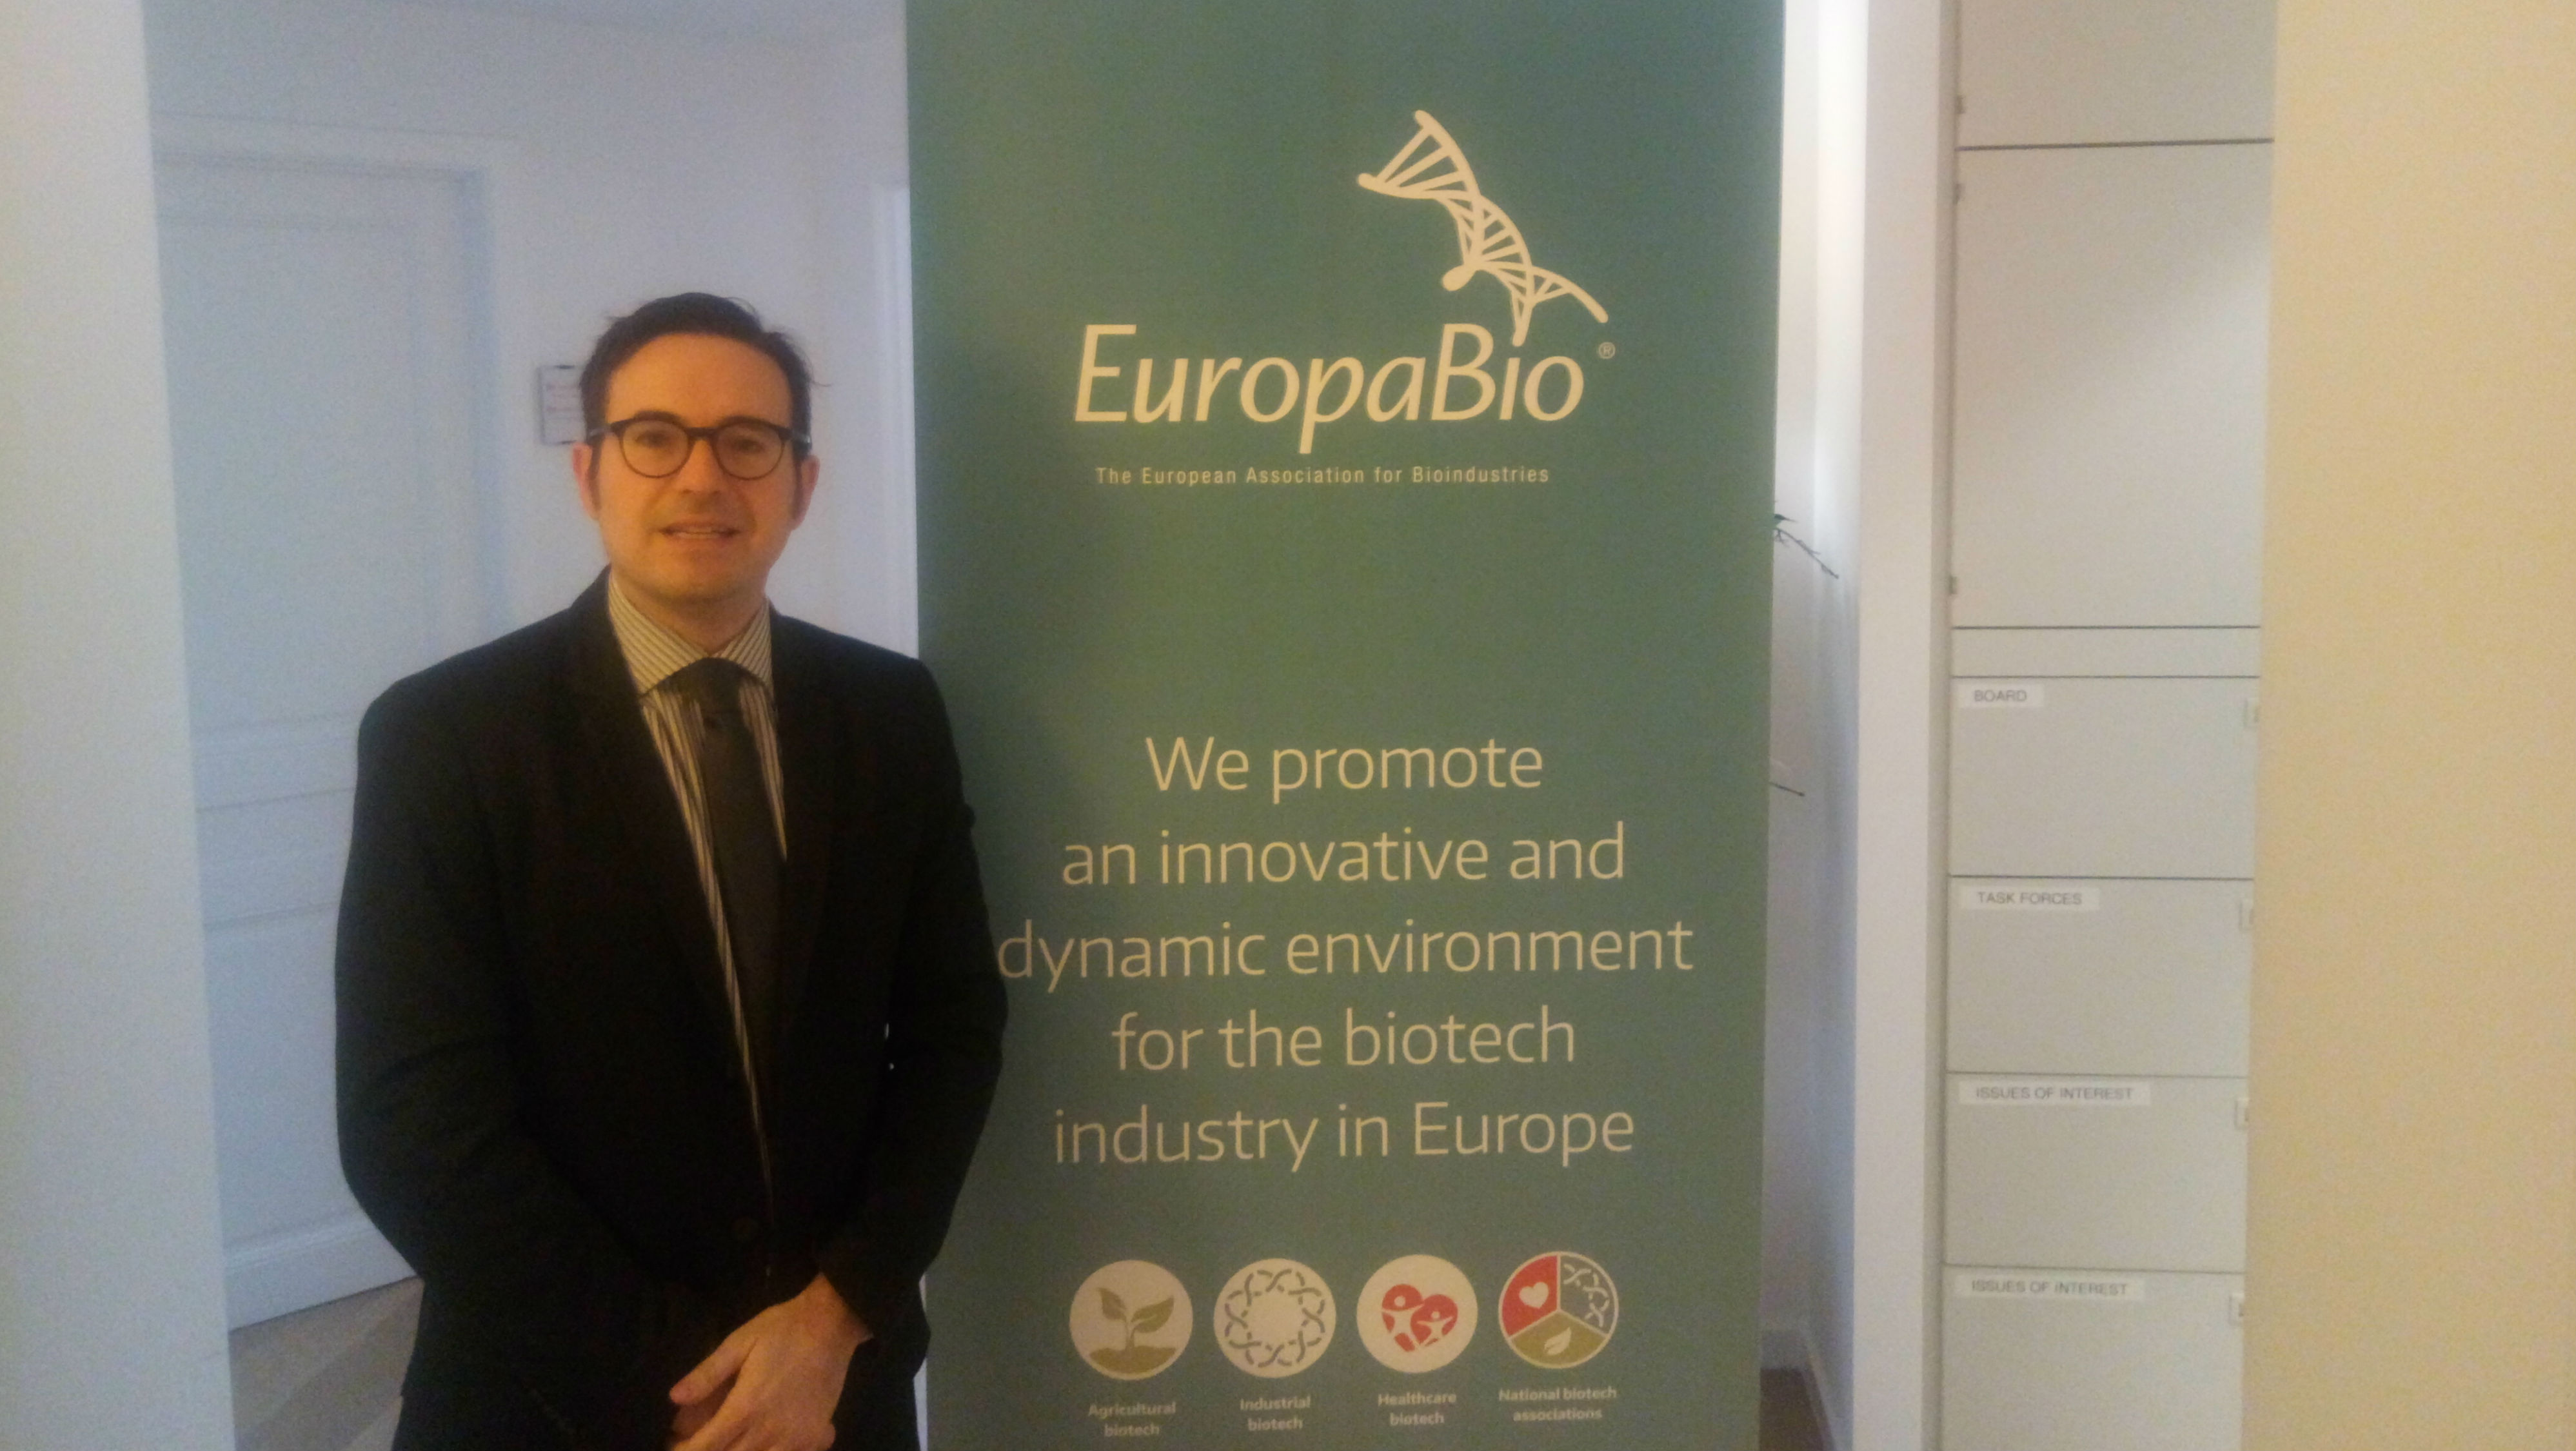 Agro 5 - Malos tiempos para la biotecnología en la Unión Europea - 8/12/18